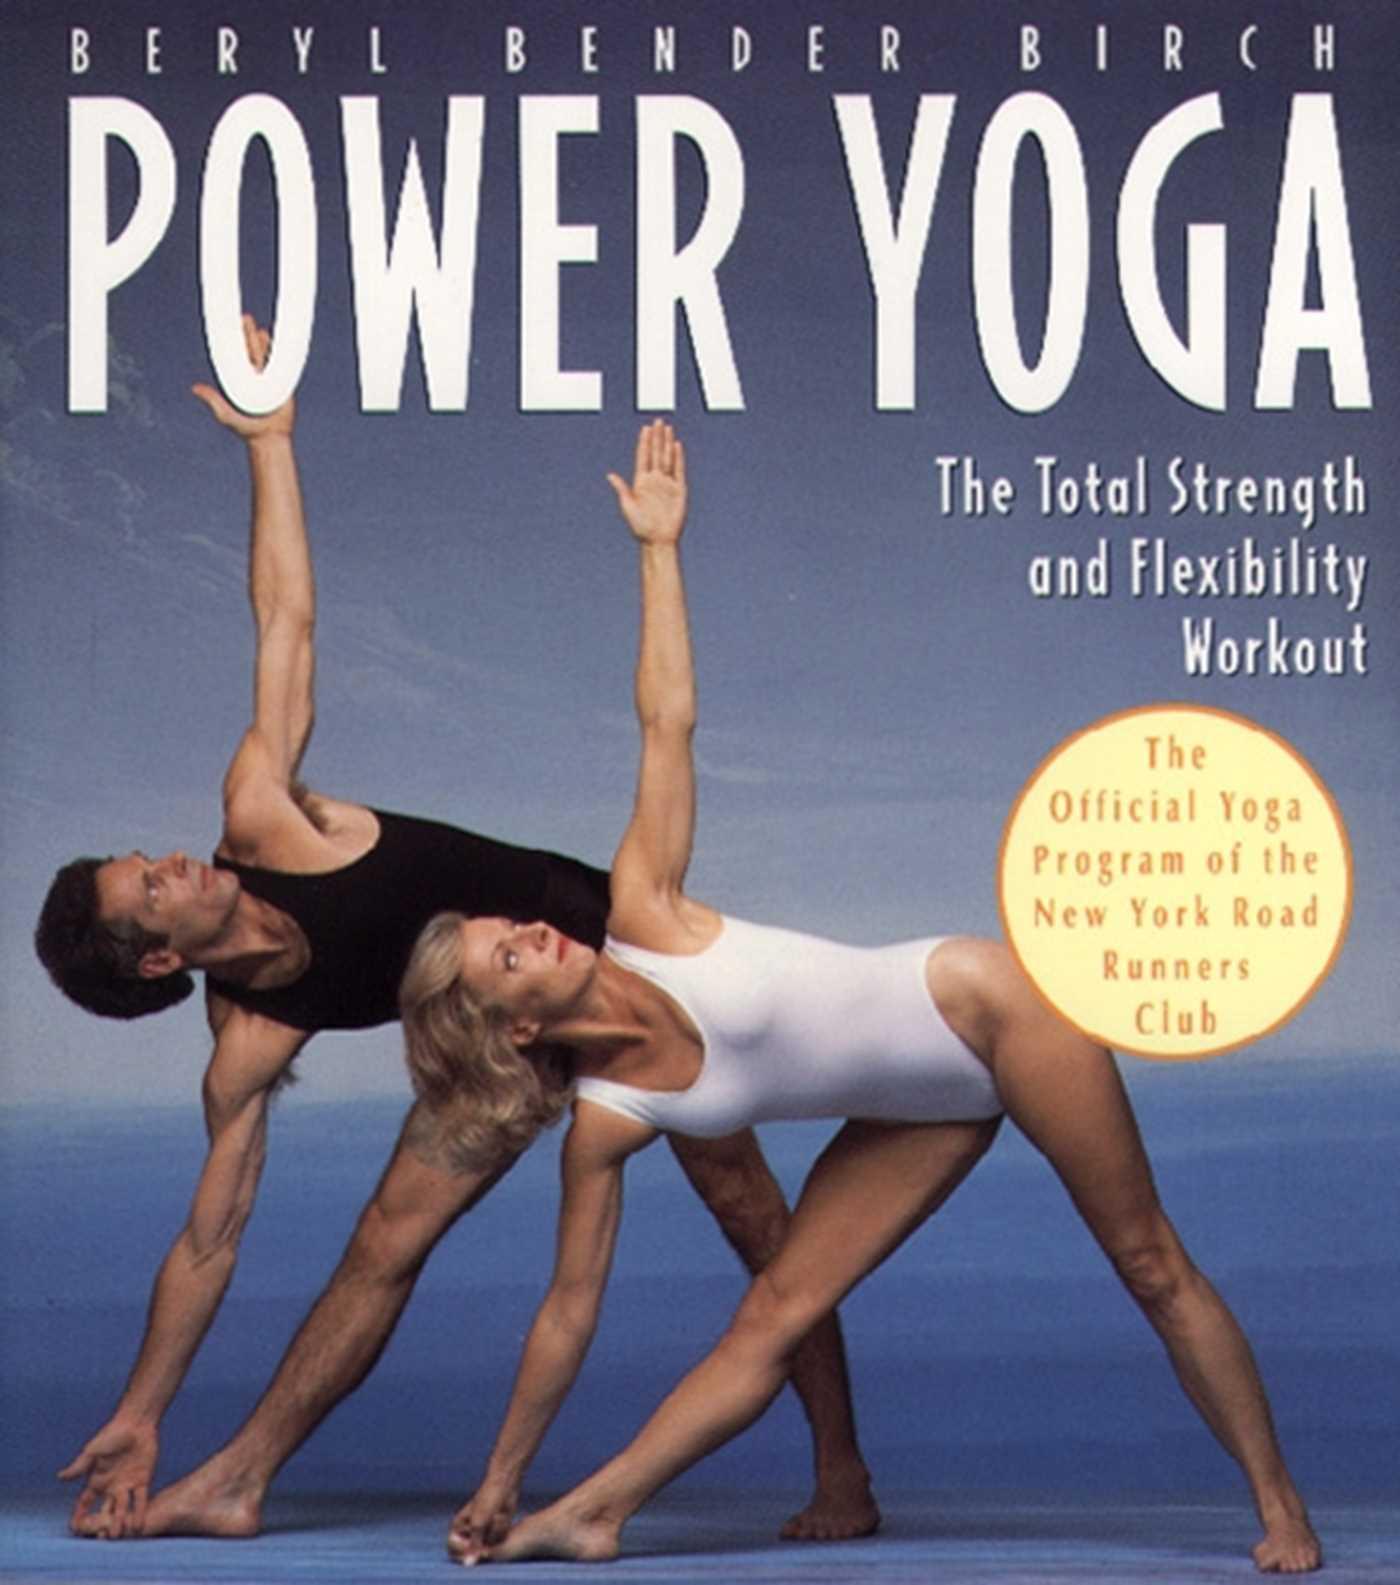 Power yoga 9781451602210 hr